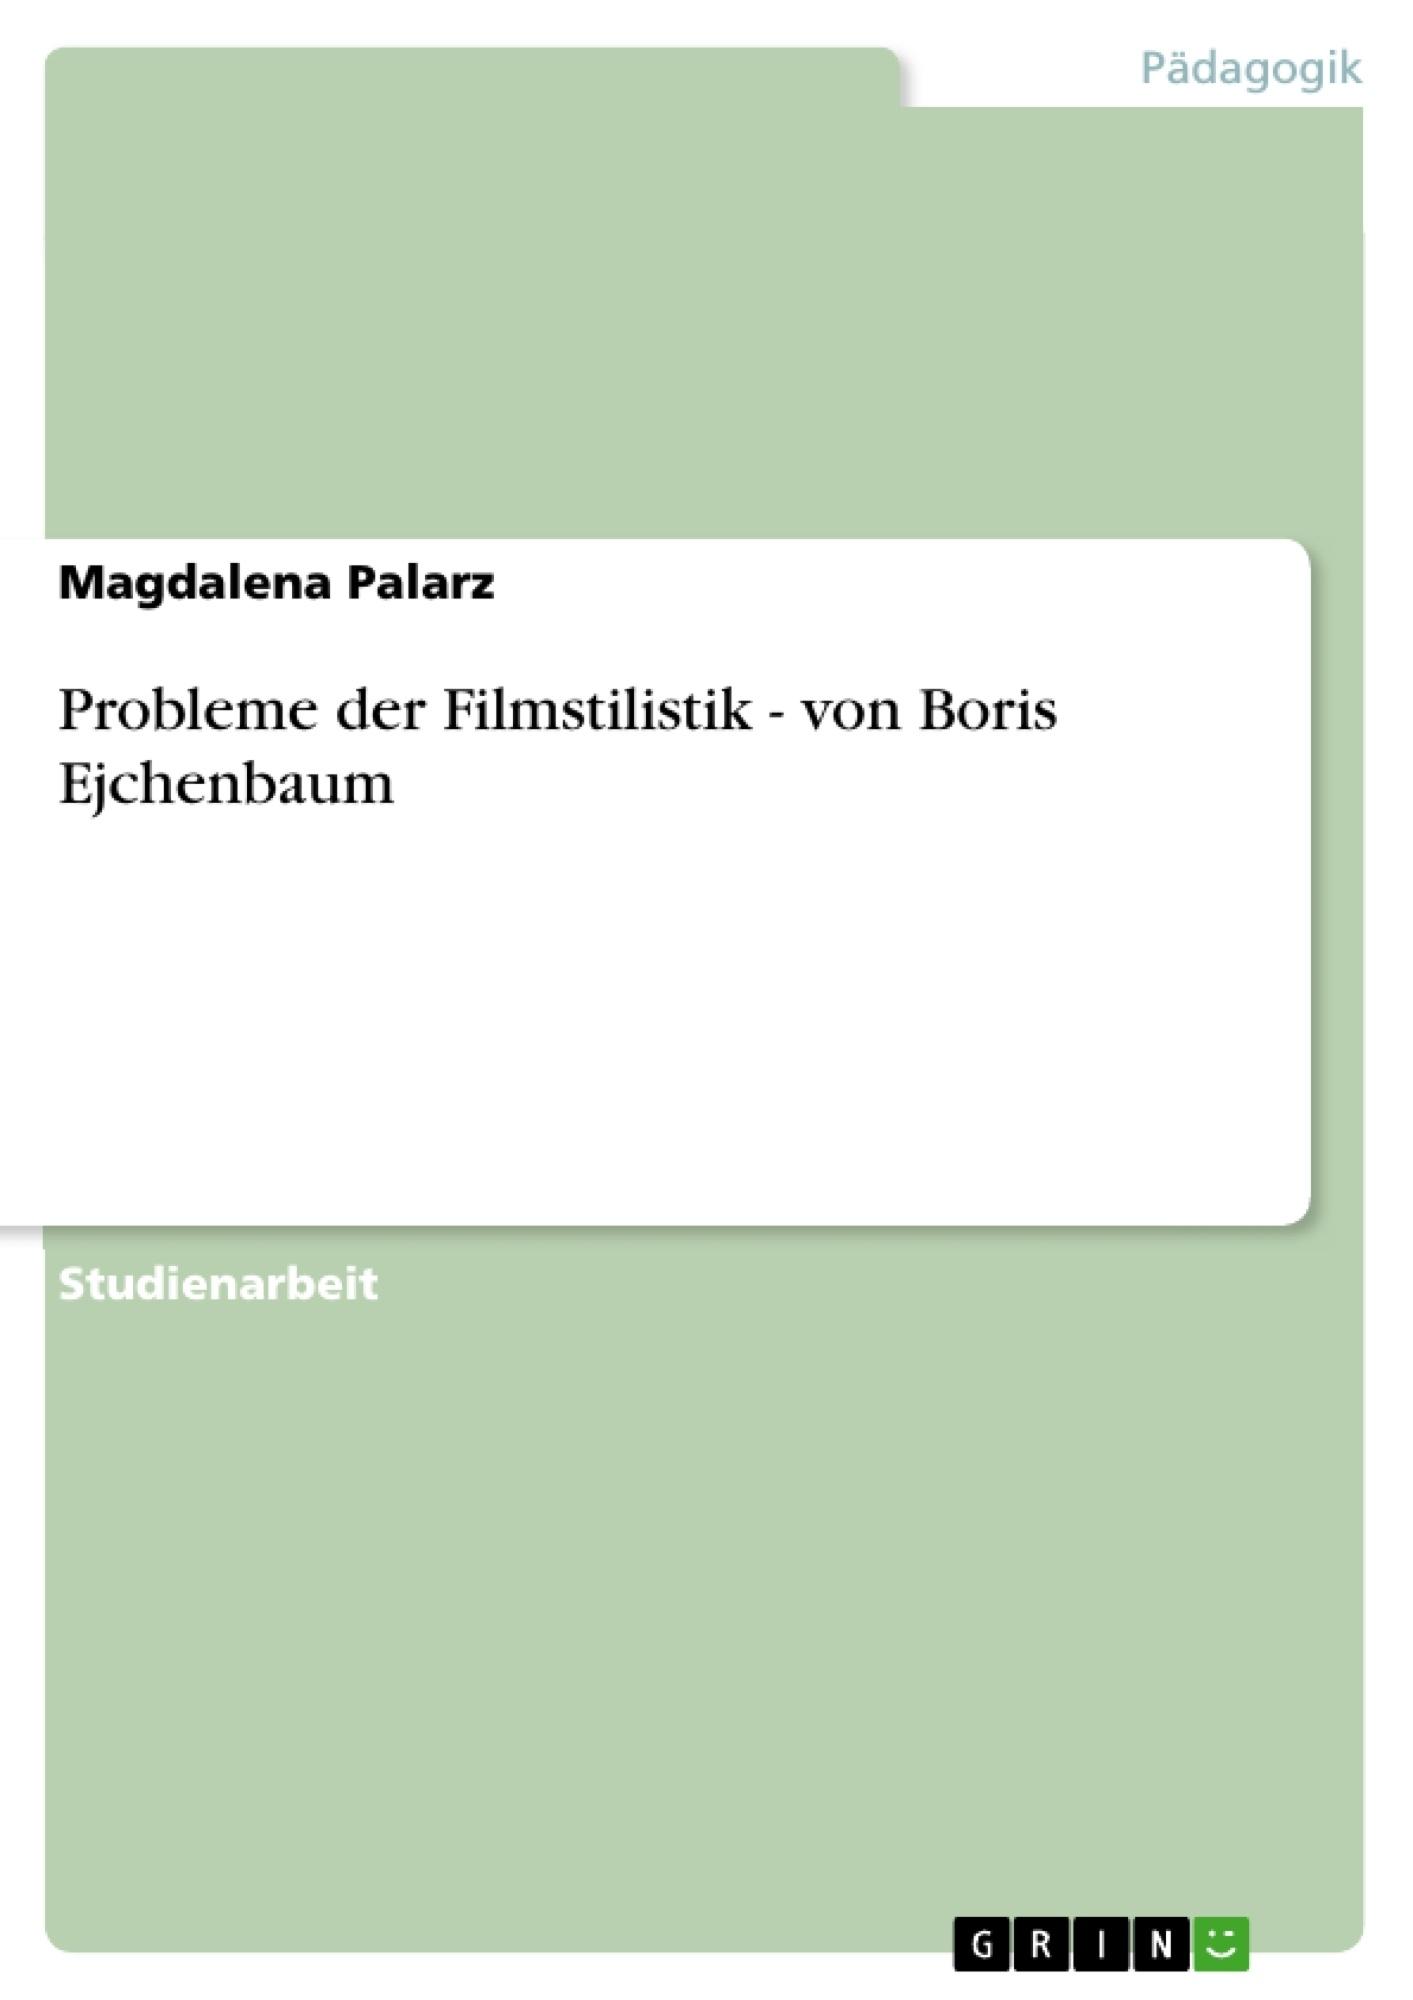 Titel: Probleme der Filmstilistik - von Boris Ejchenbaum